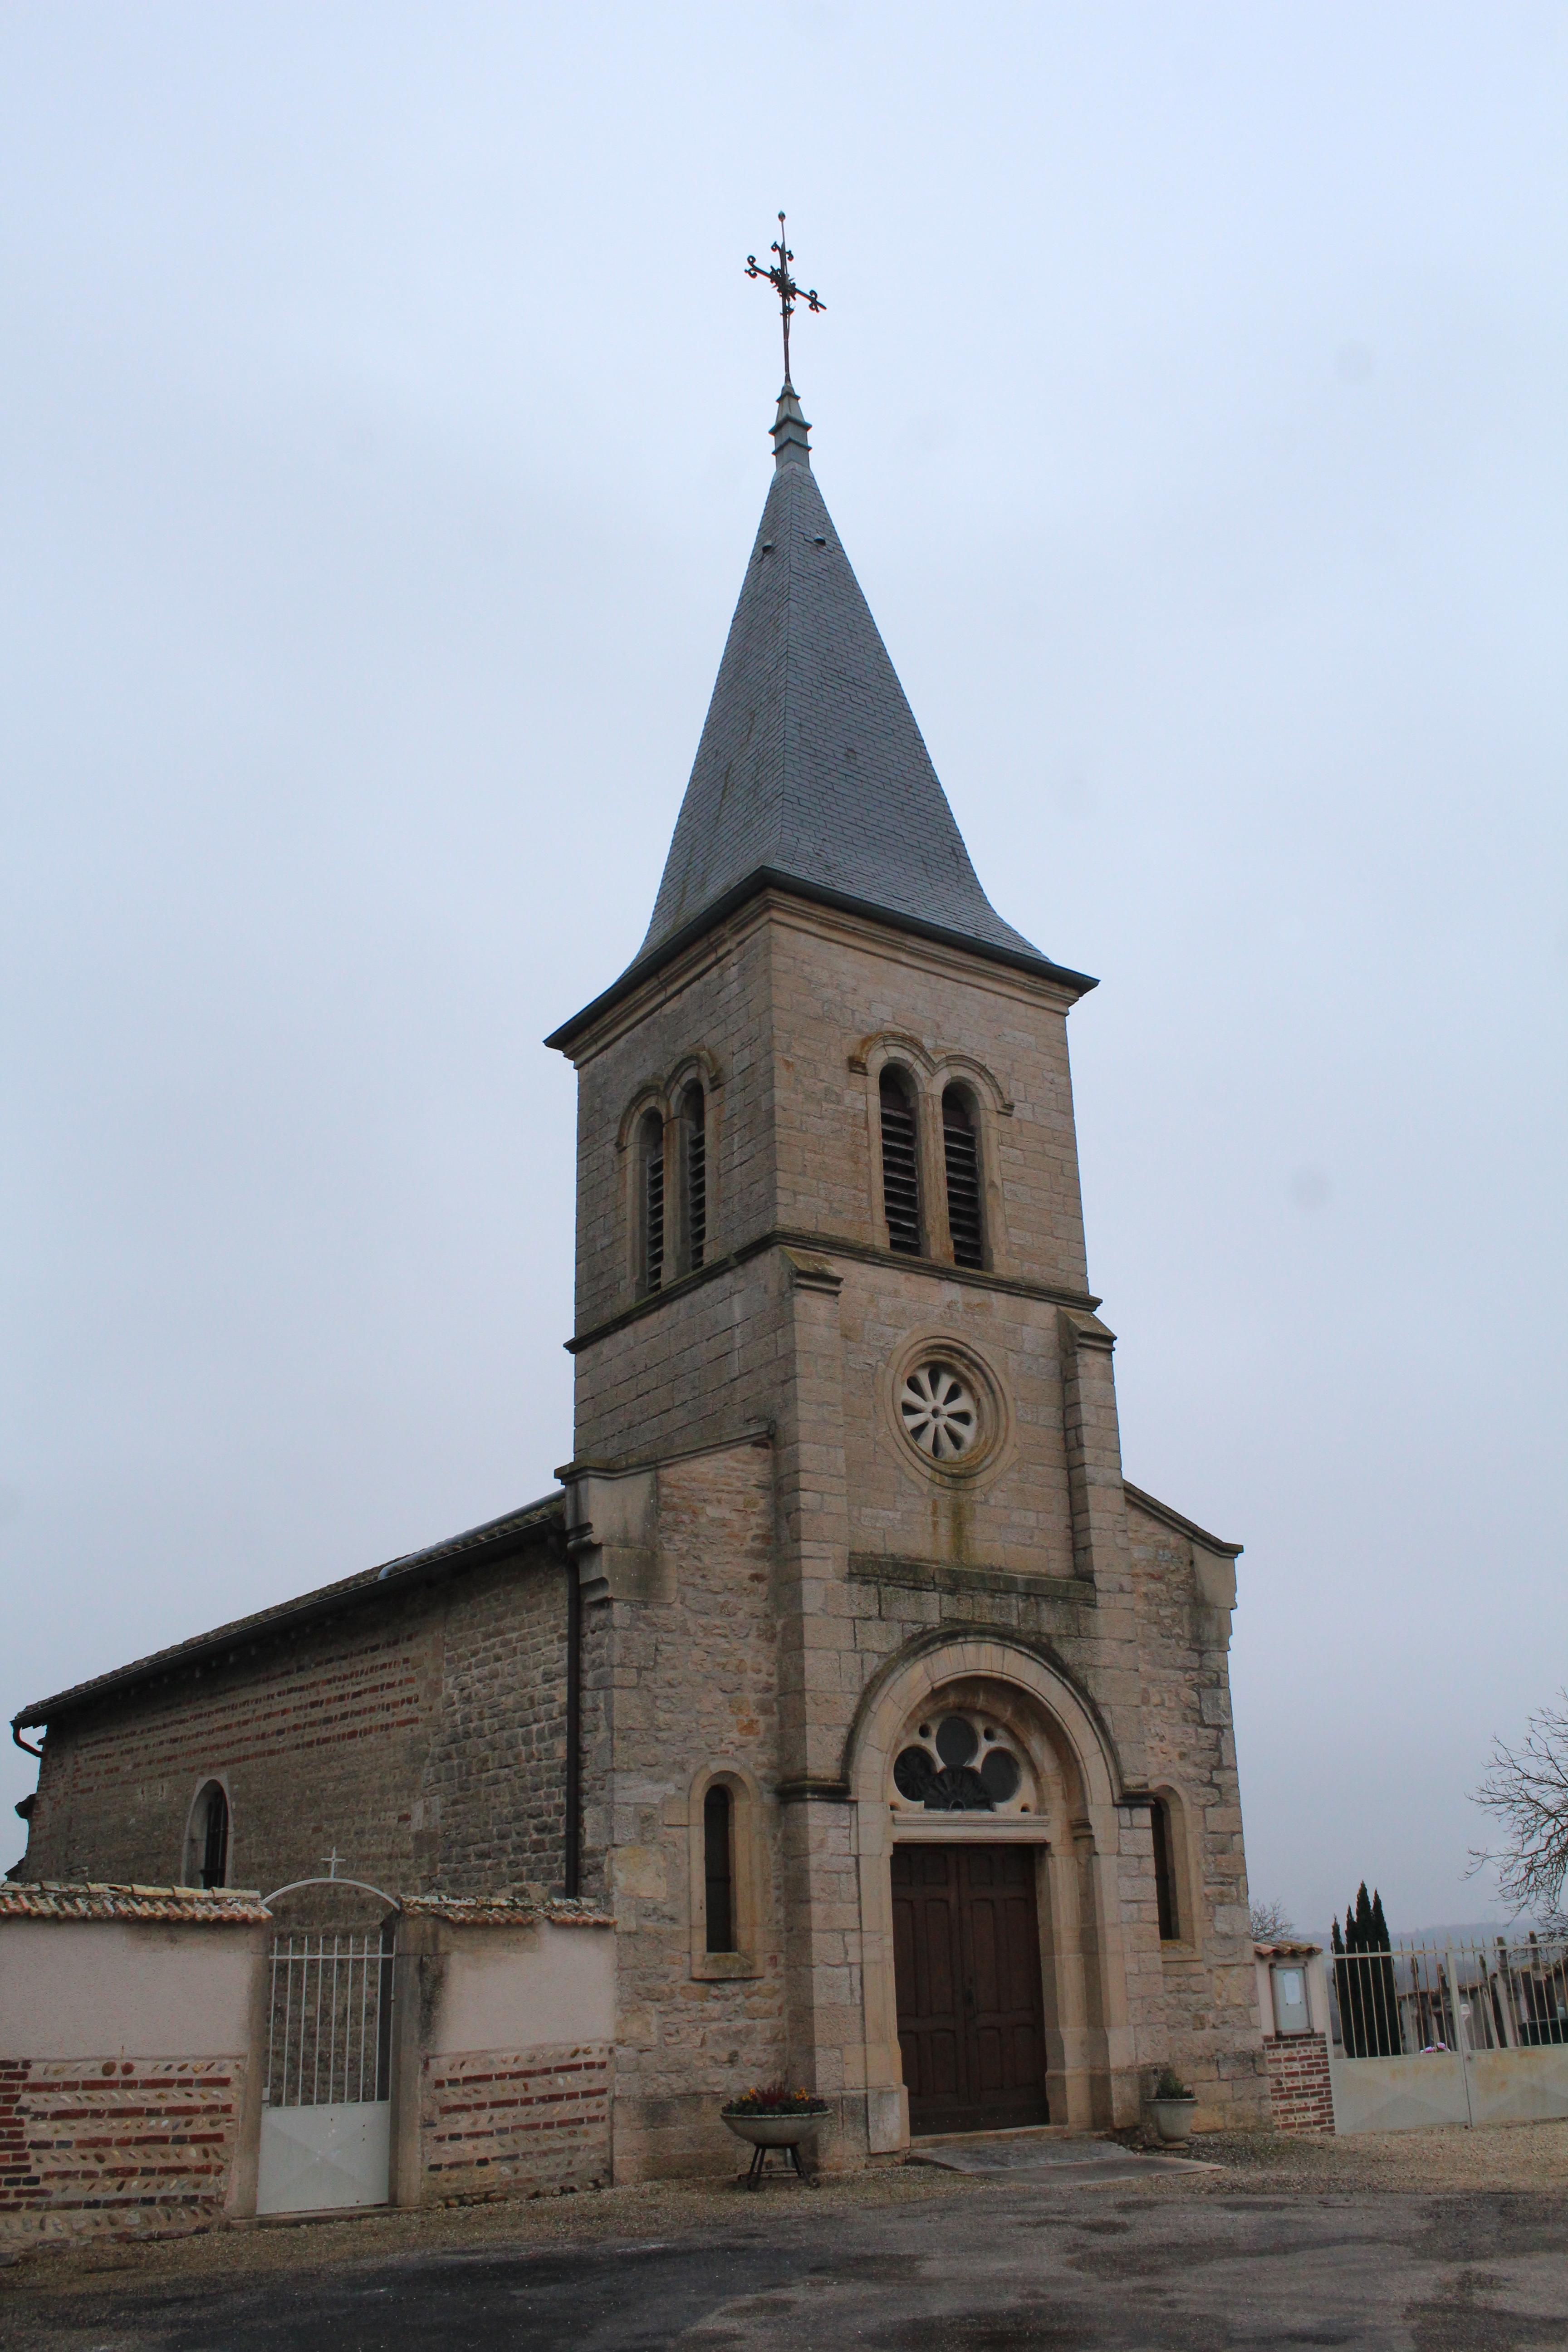 Dompierre-sur-Chalaronne